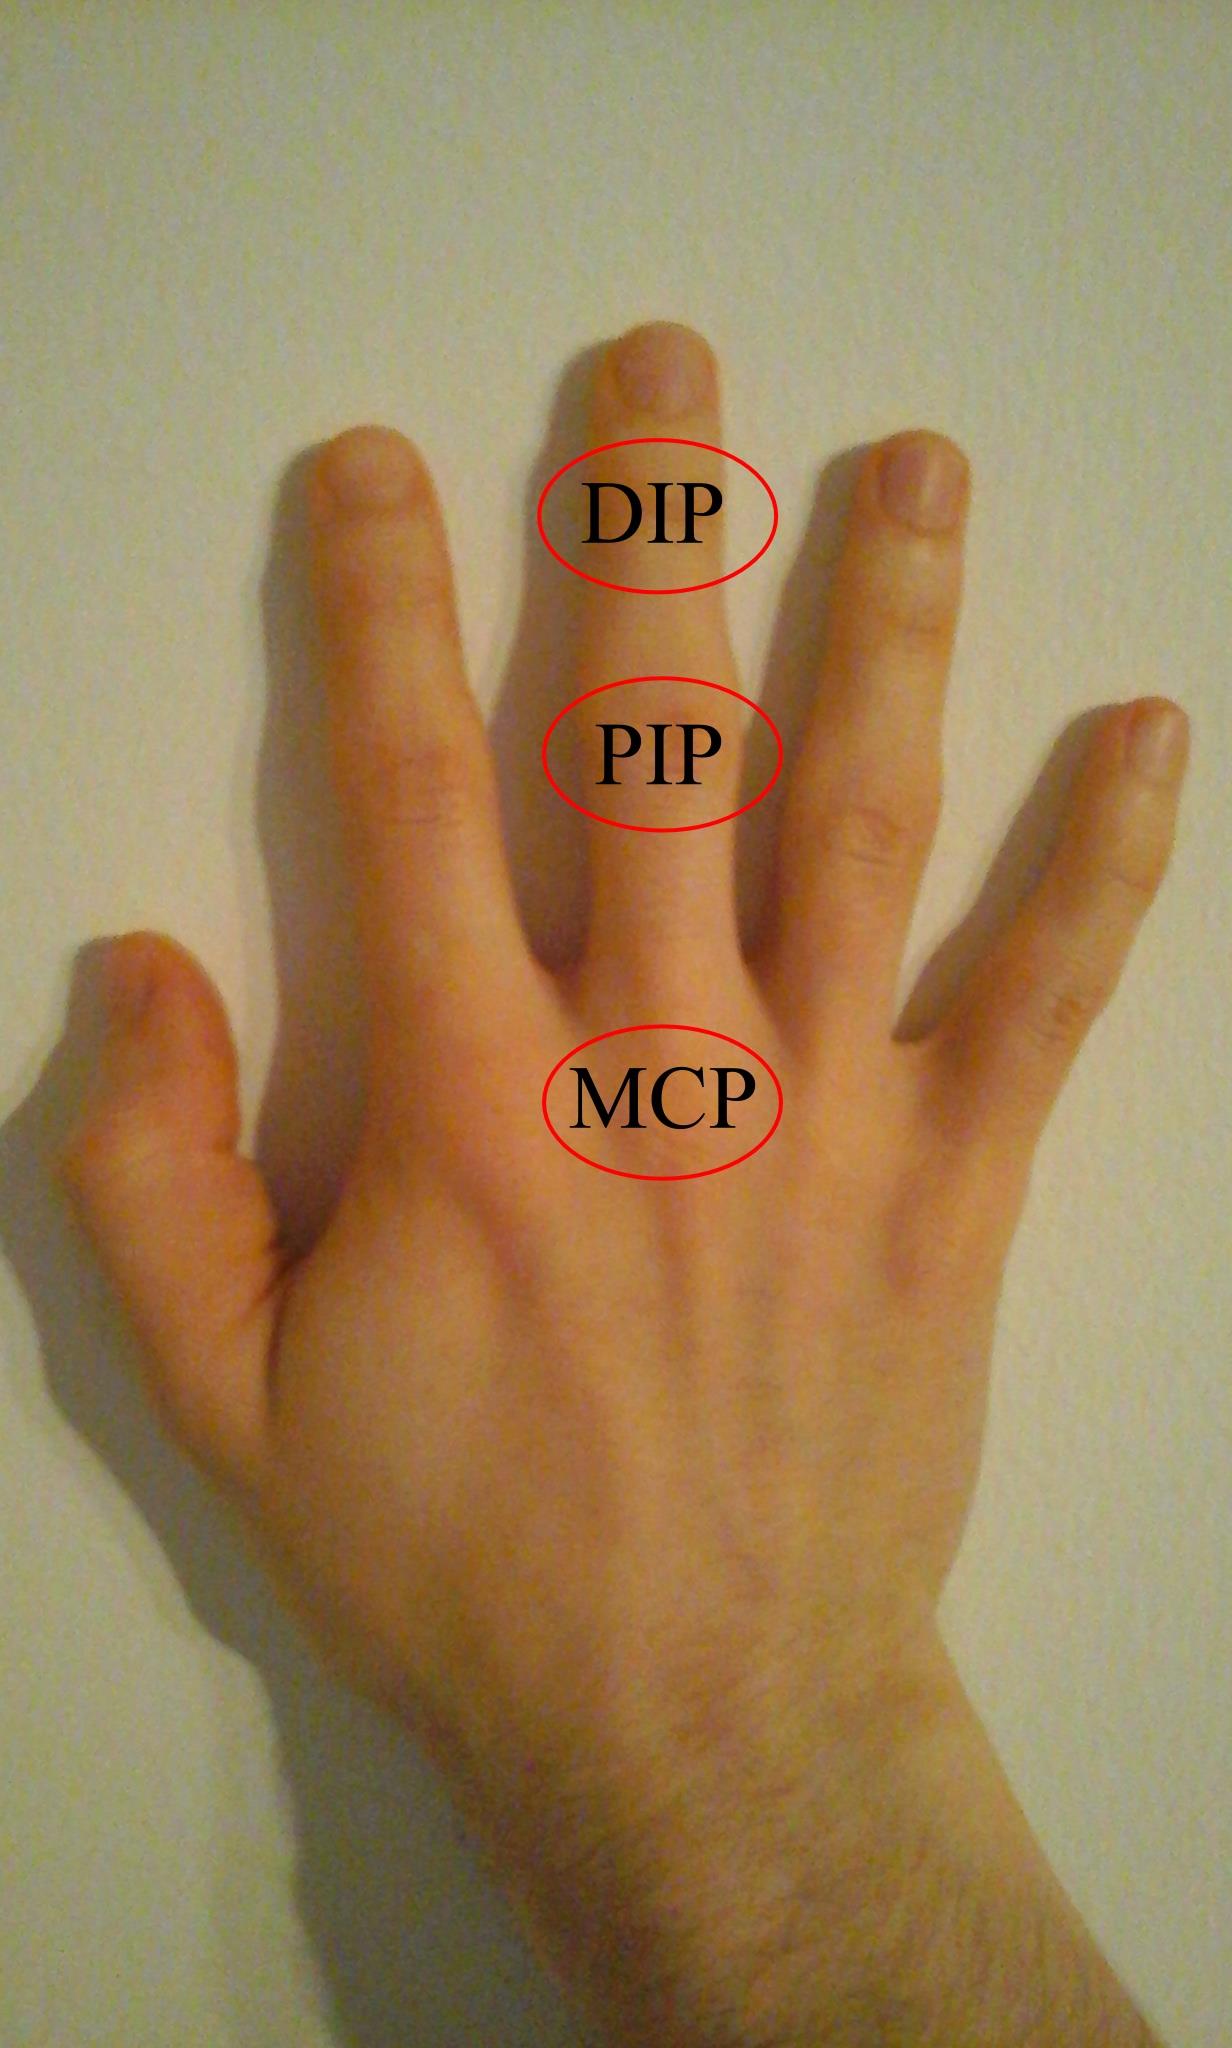 hogyan kell a diprospan-t az ízületi fájdalmakhoz felvenni)